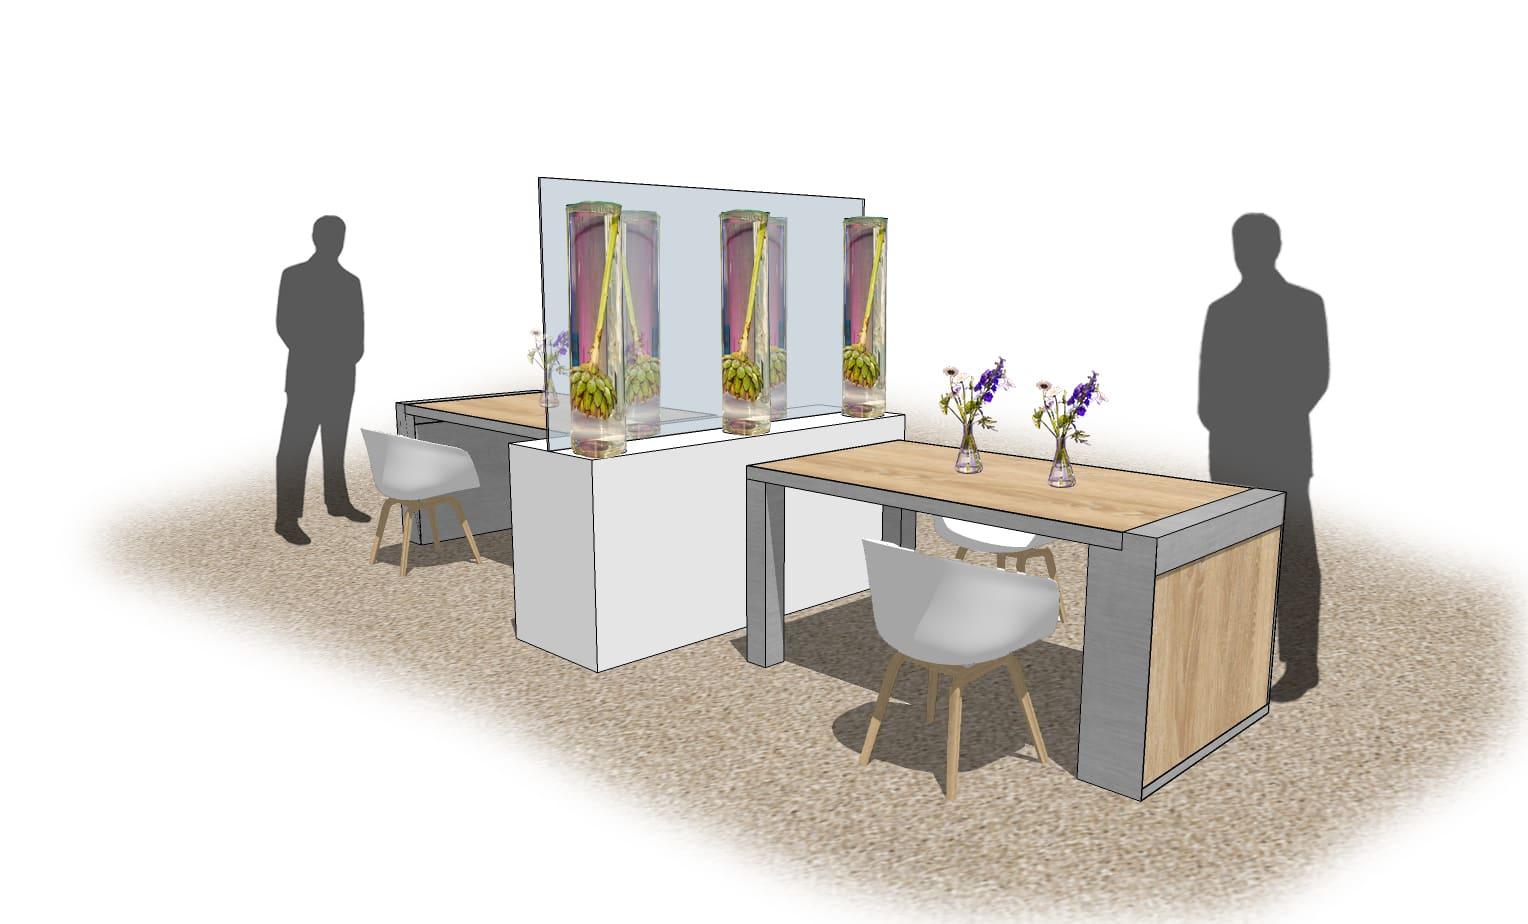 Raumteiler 'LAB STYLE' Raumteiler mit Acryplatte Glaszylinder und Blumendekoartion Raumteiler zwischen Tischen für social distancing von Bas de Boer Eventstyling  - Raumteiler / Raumtrenner